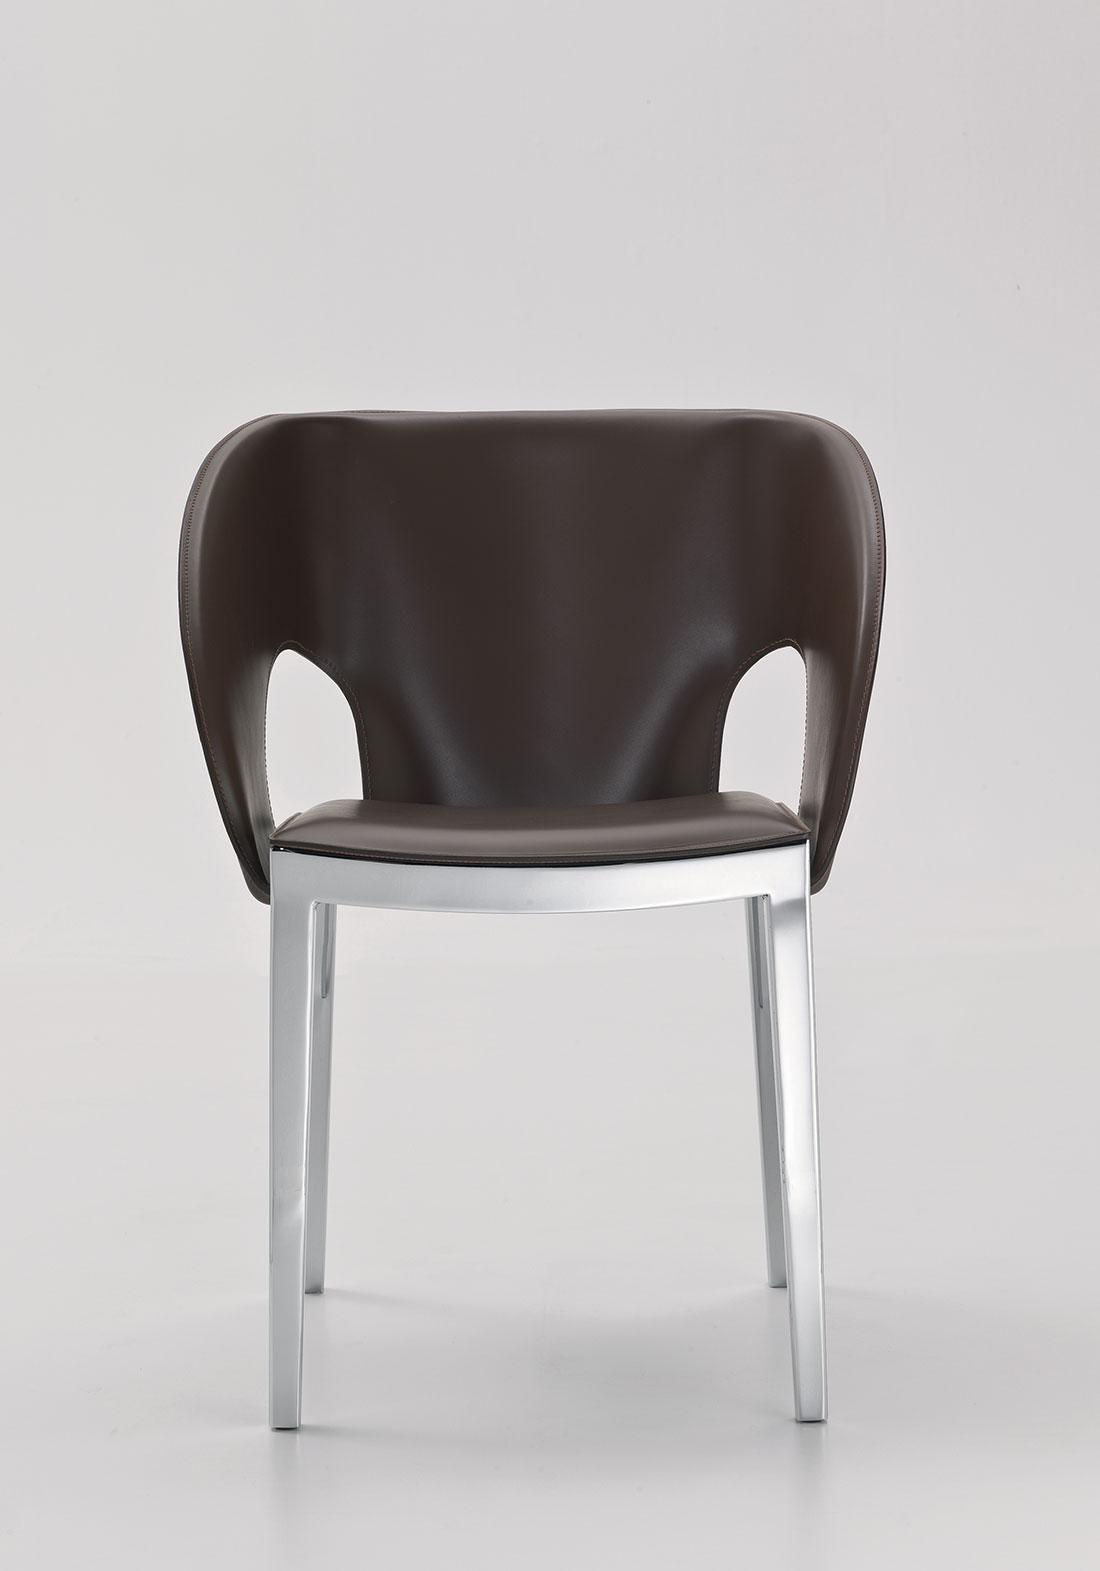 sedia Alessandro Dubini casa ufficio bianca prezzo arredamento on line moderno di lusso 2017 design inspiration web made in italy cuoio pelle legno noce